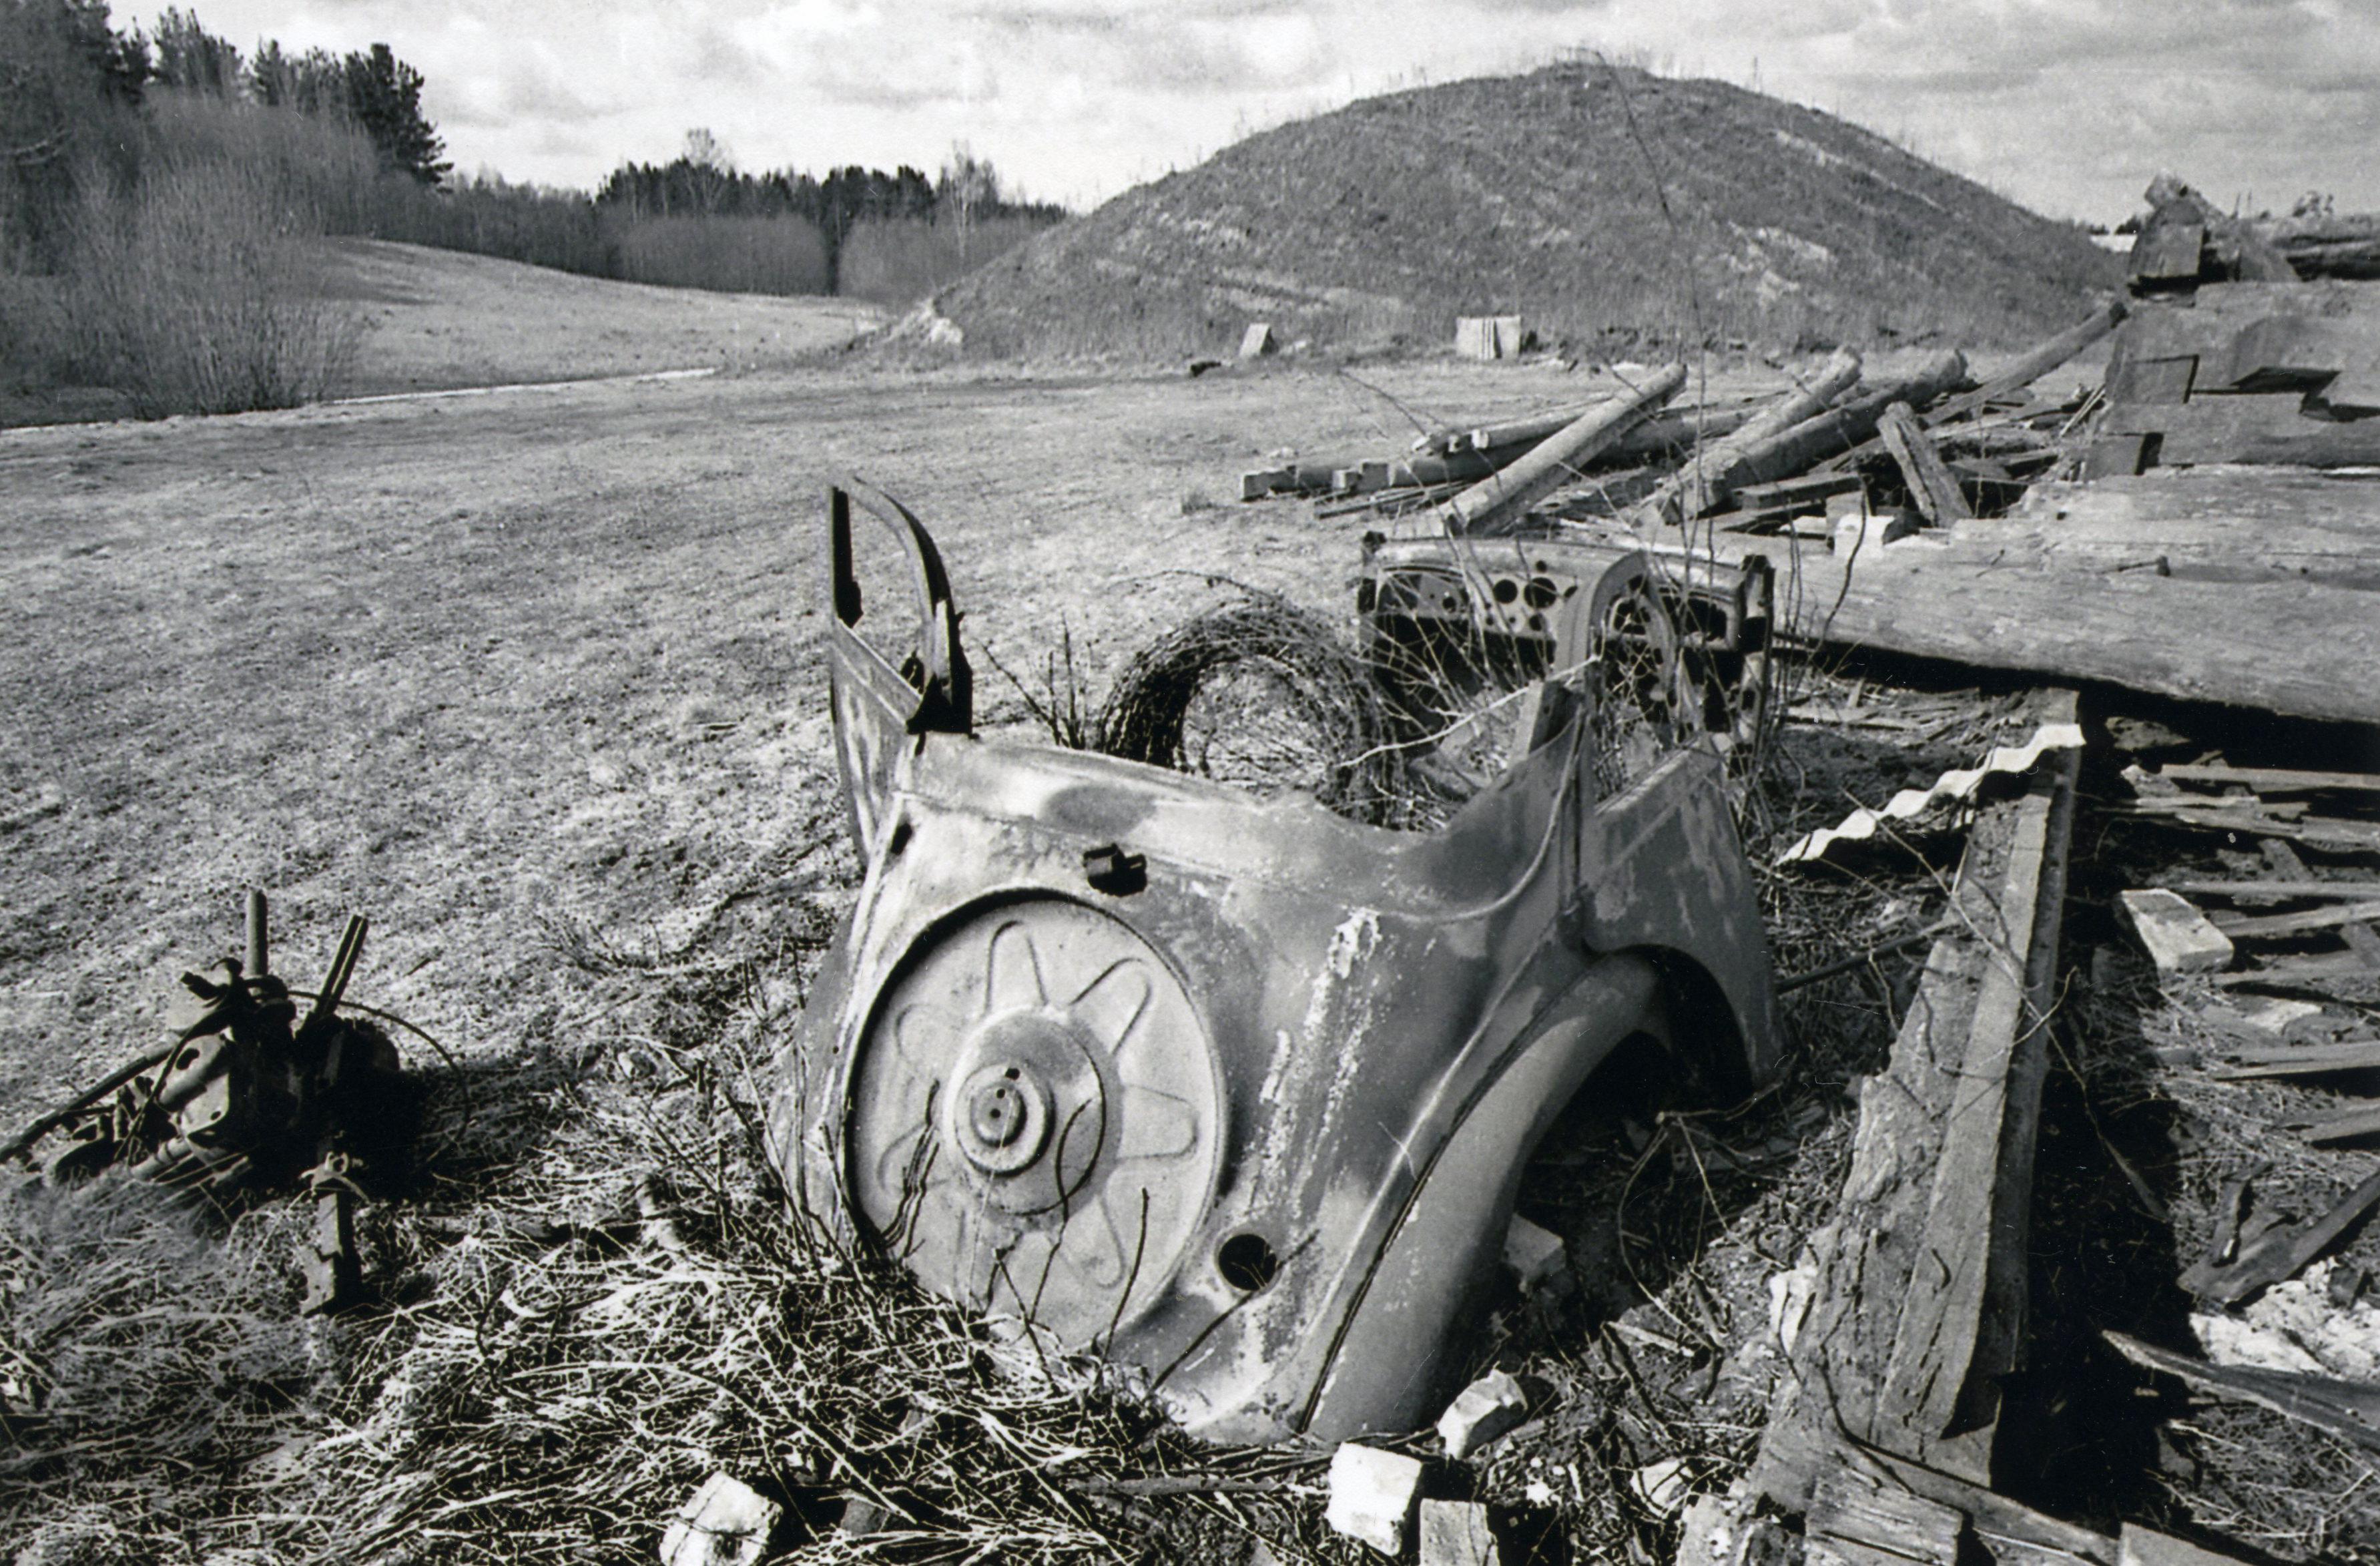 Kalnaklaņģi un Biļķena māja jau nojaukta; pie Klaņģu kalna veidojas zemes krāja ūdenskrātuves uzbērumam. 20. gs. 60. gadi. K. Kalsera arh.